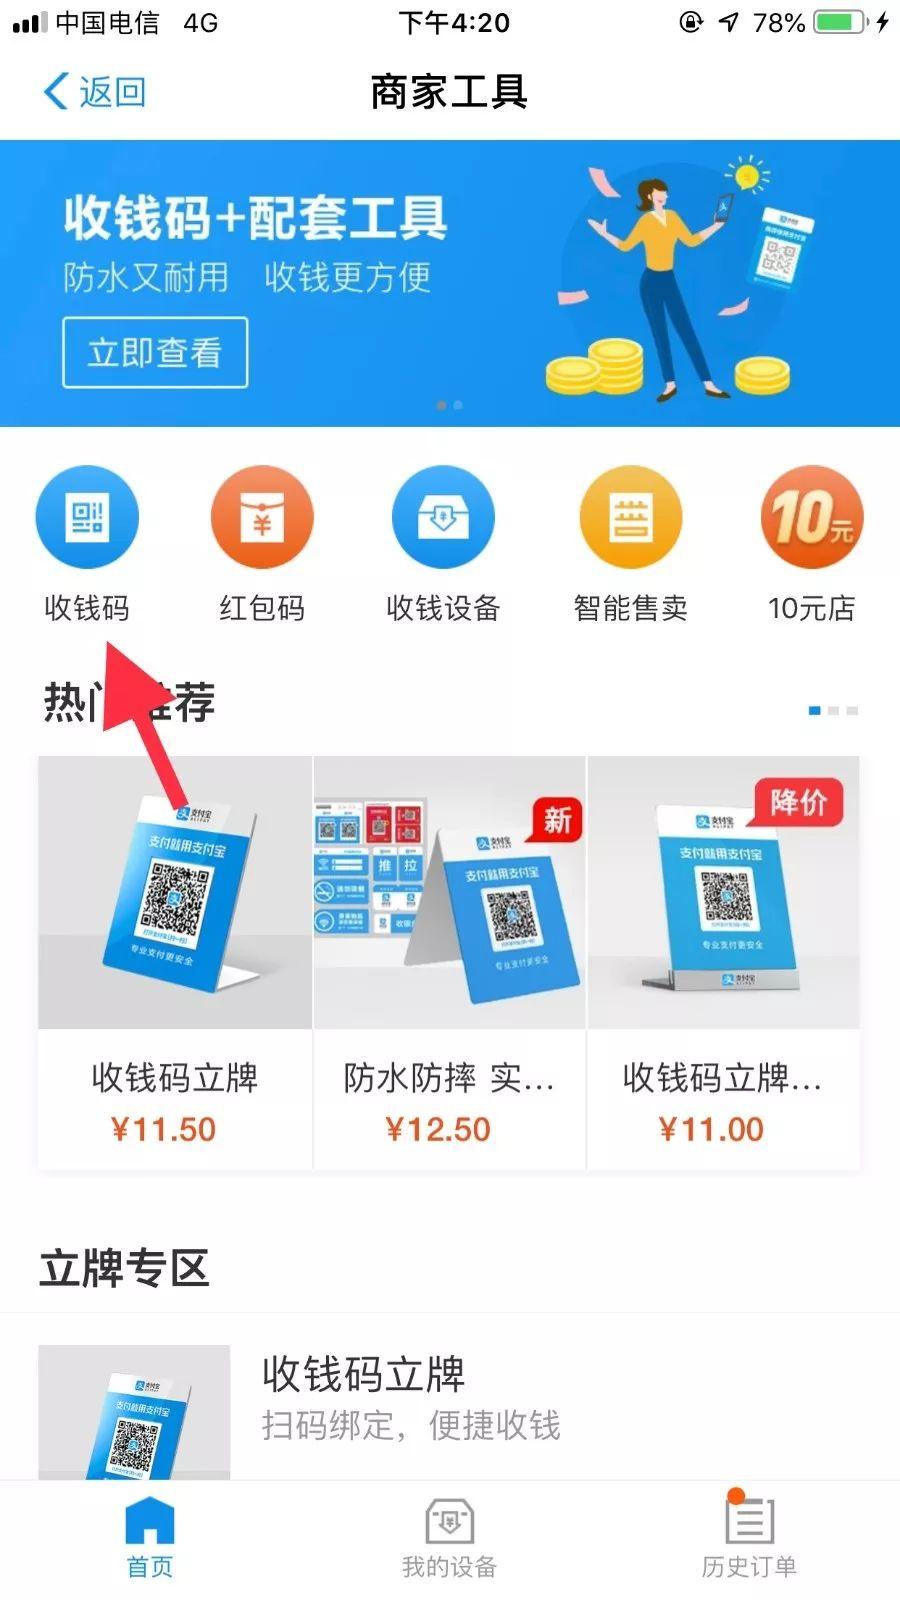 支付宝提现额度及收费标准--规避妙招详解_手机搜狐网